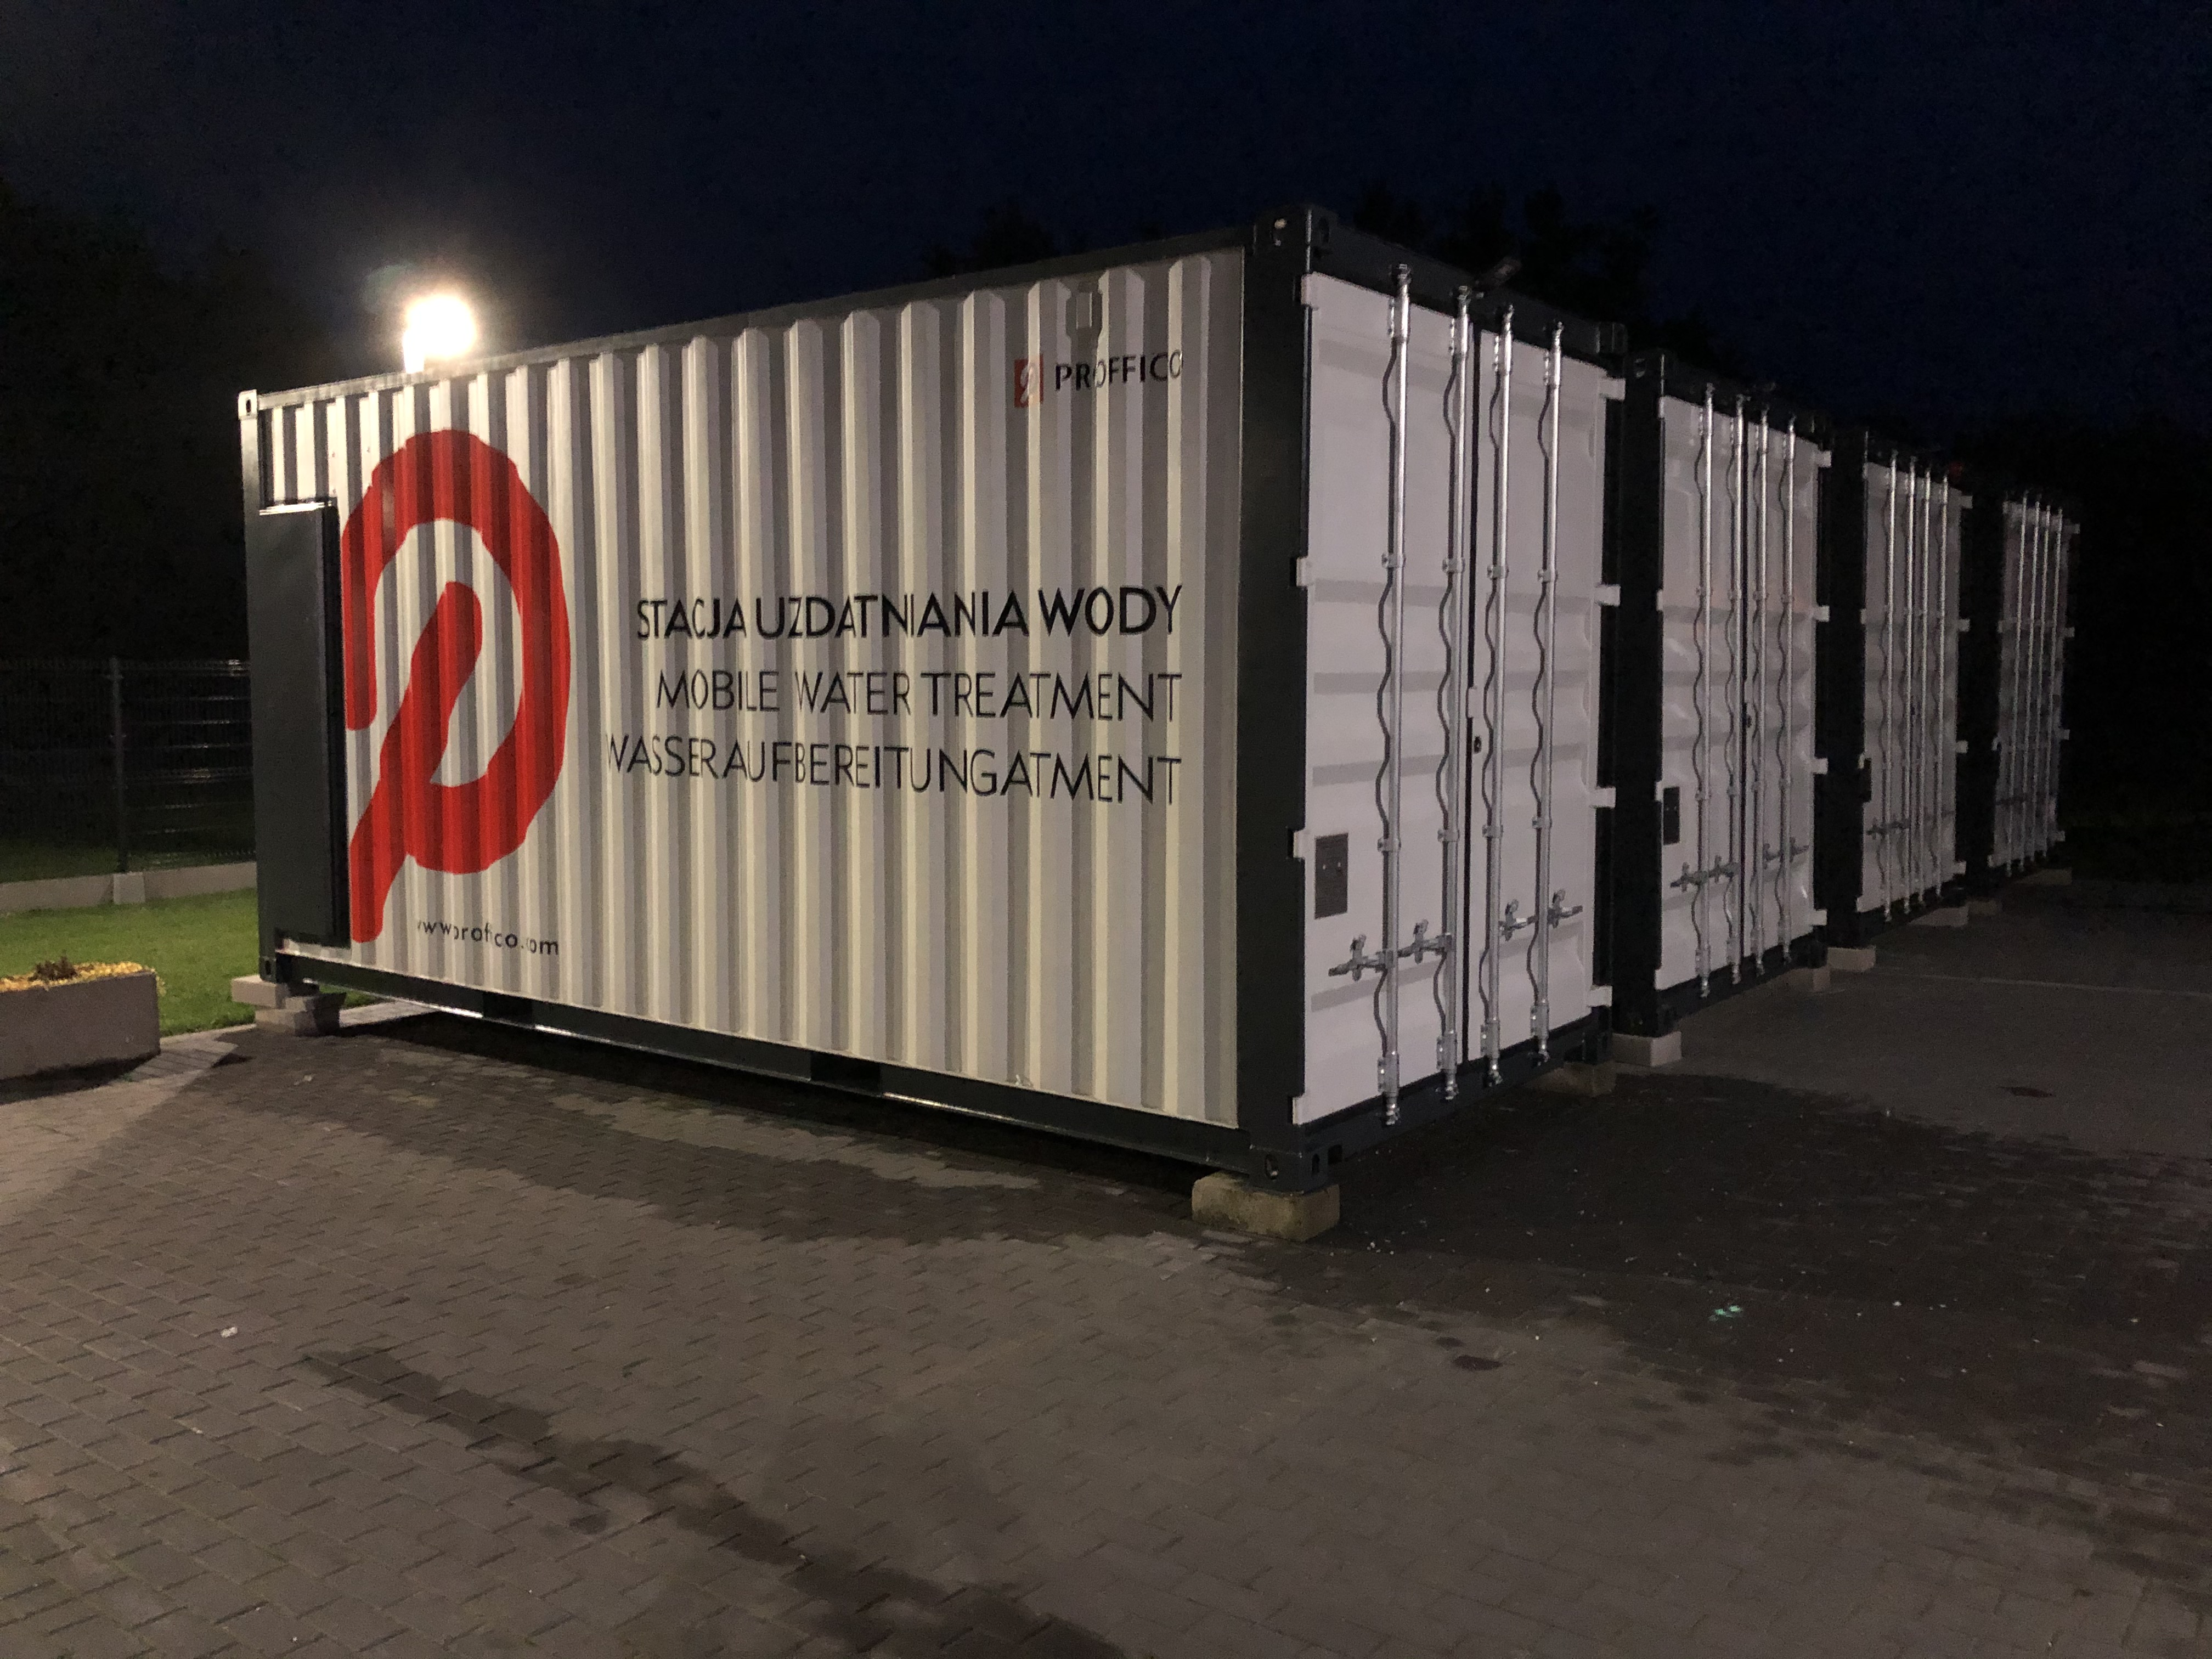 2020 listopad – Kontenerowa stacja uzdatniania wody – Manufactured by Proffico